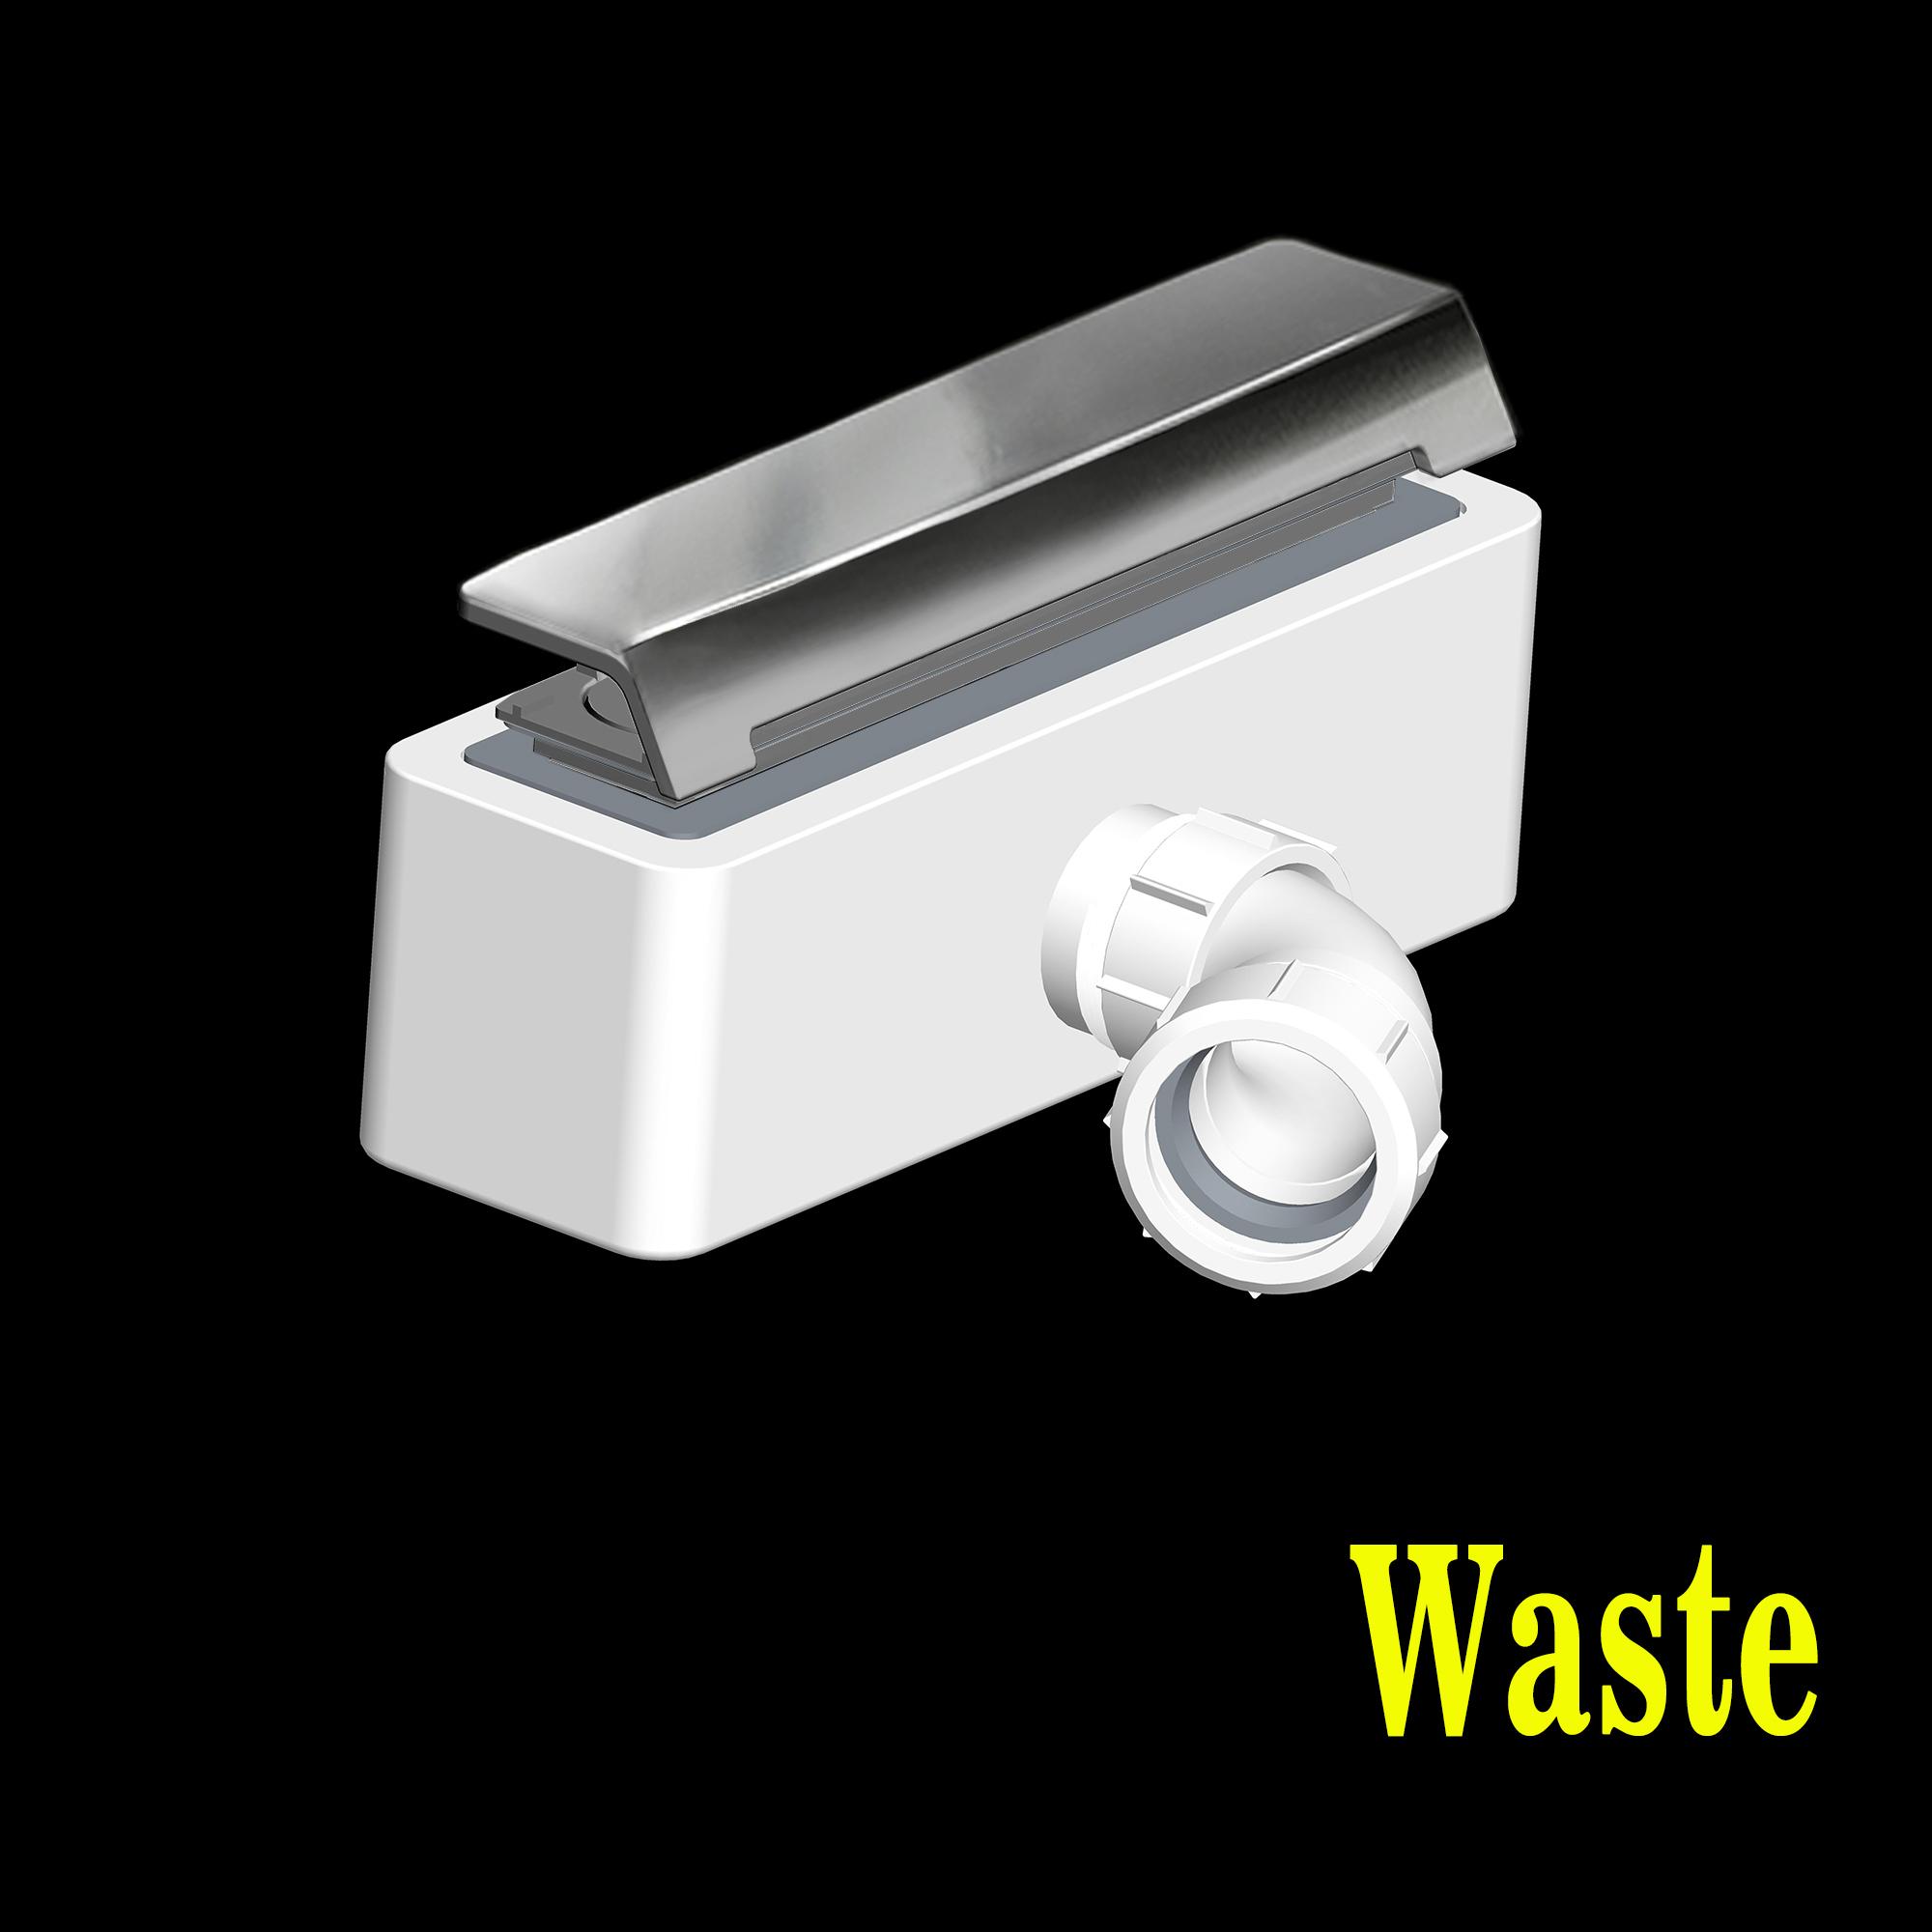 Haltegriff Dusche Ohne Bohren : Faltt?r Dusche Kunststoff : 72mm Schneller Durchfluss Dusche